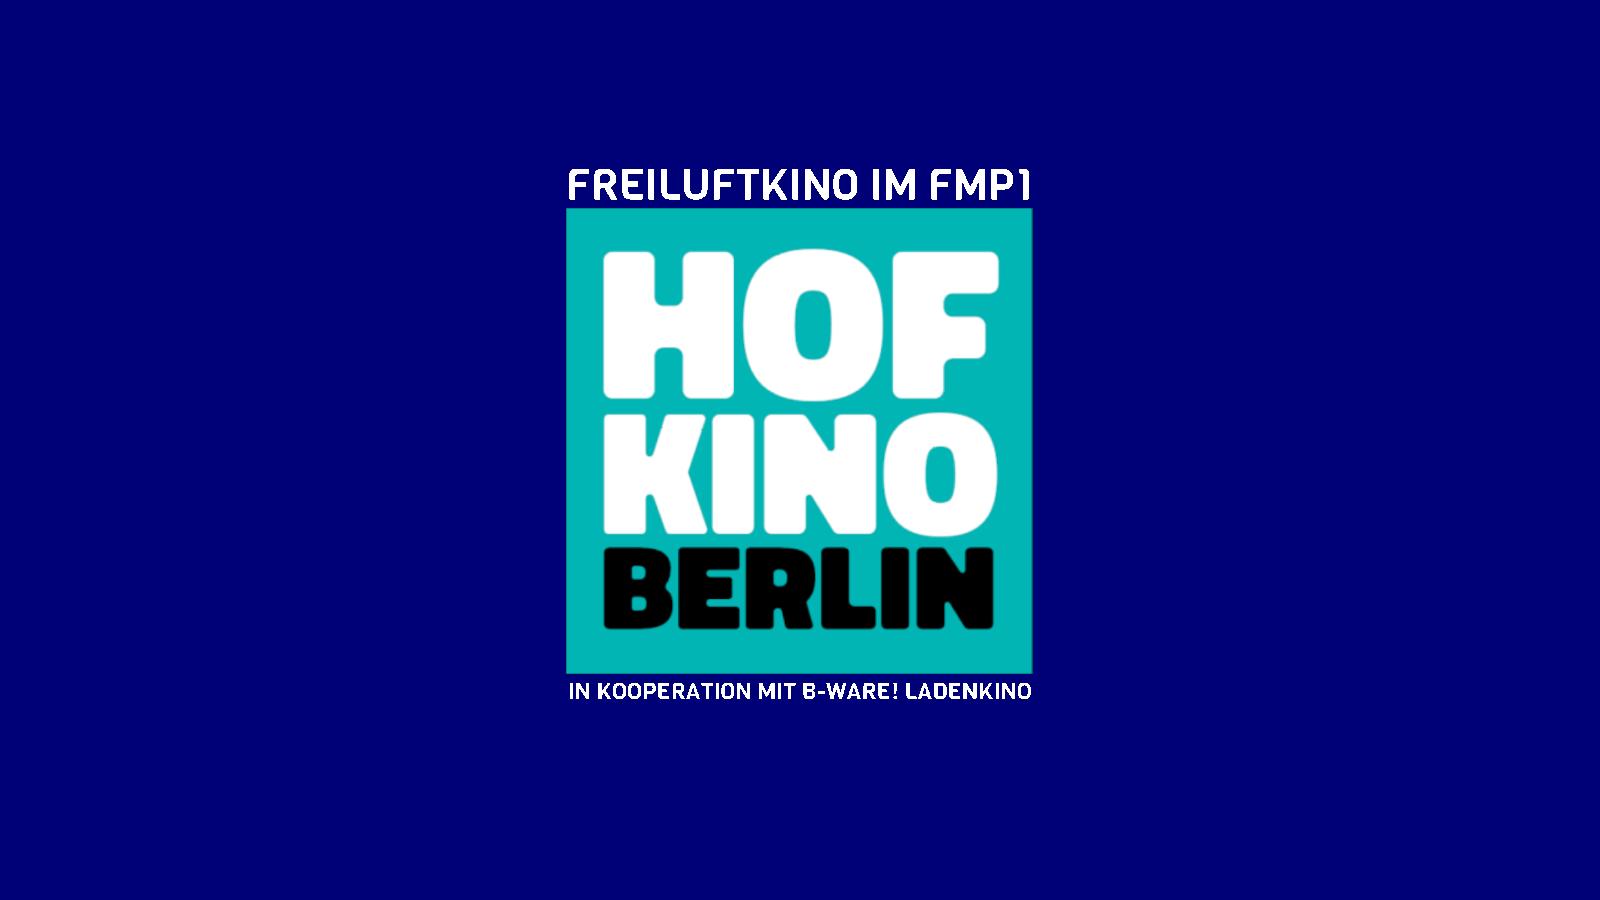 start home hofkino.berlin Freiluftkino Berlin Friedrichshain